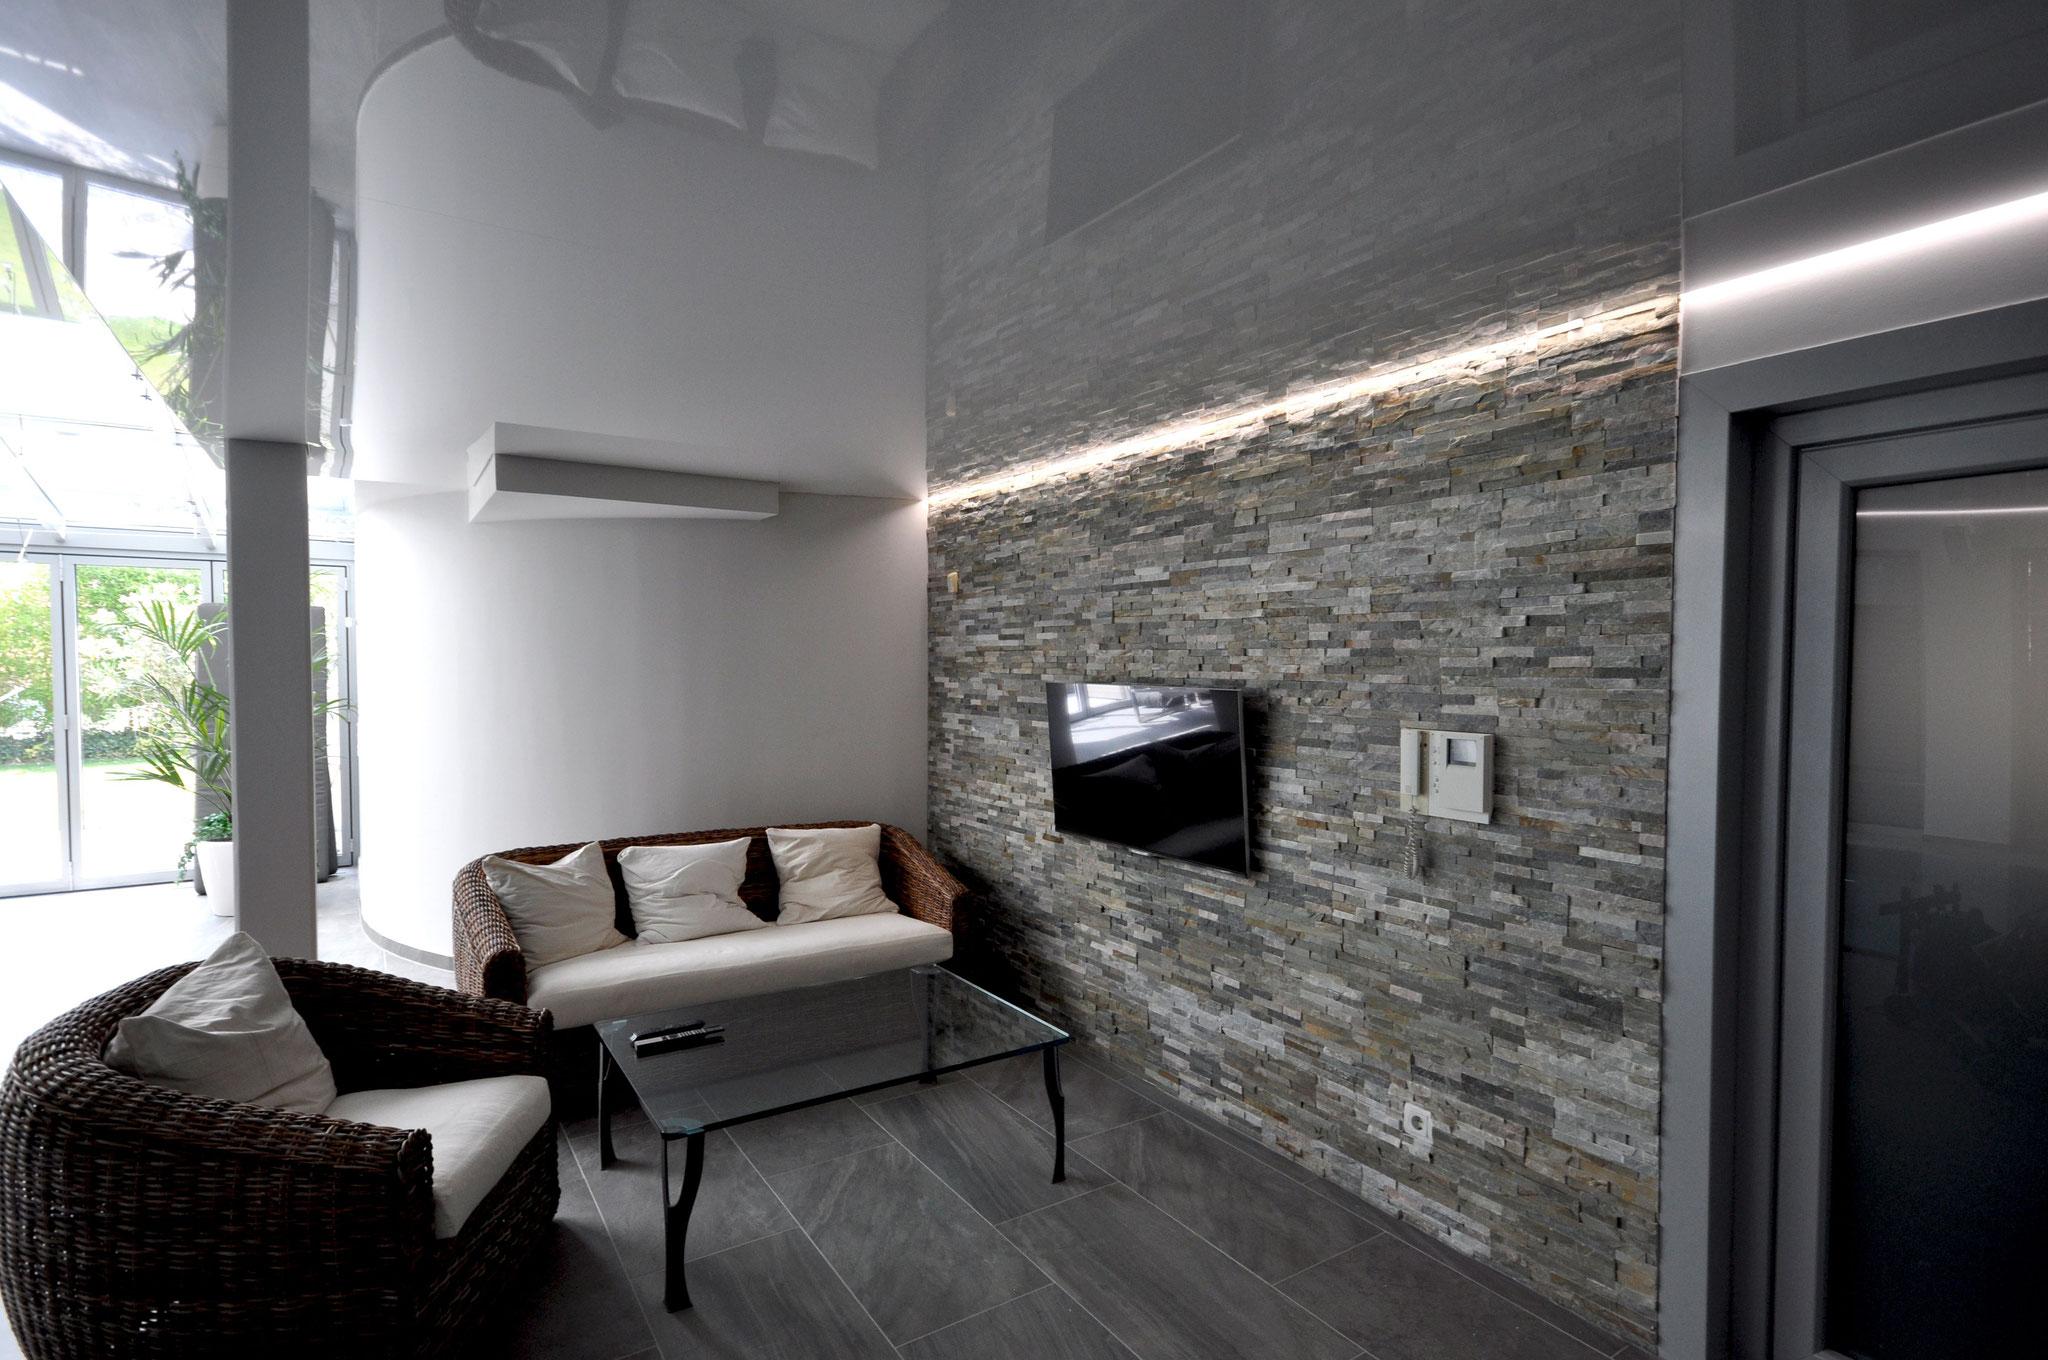 spanndecken lackspanndecken schwetzingen deckenpartner gmbh. Black Bedroom Furniture Sets. Home Design Ideas